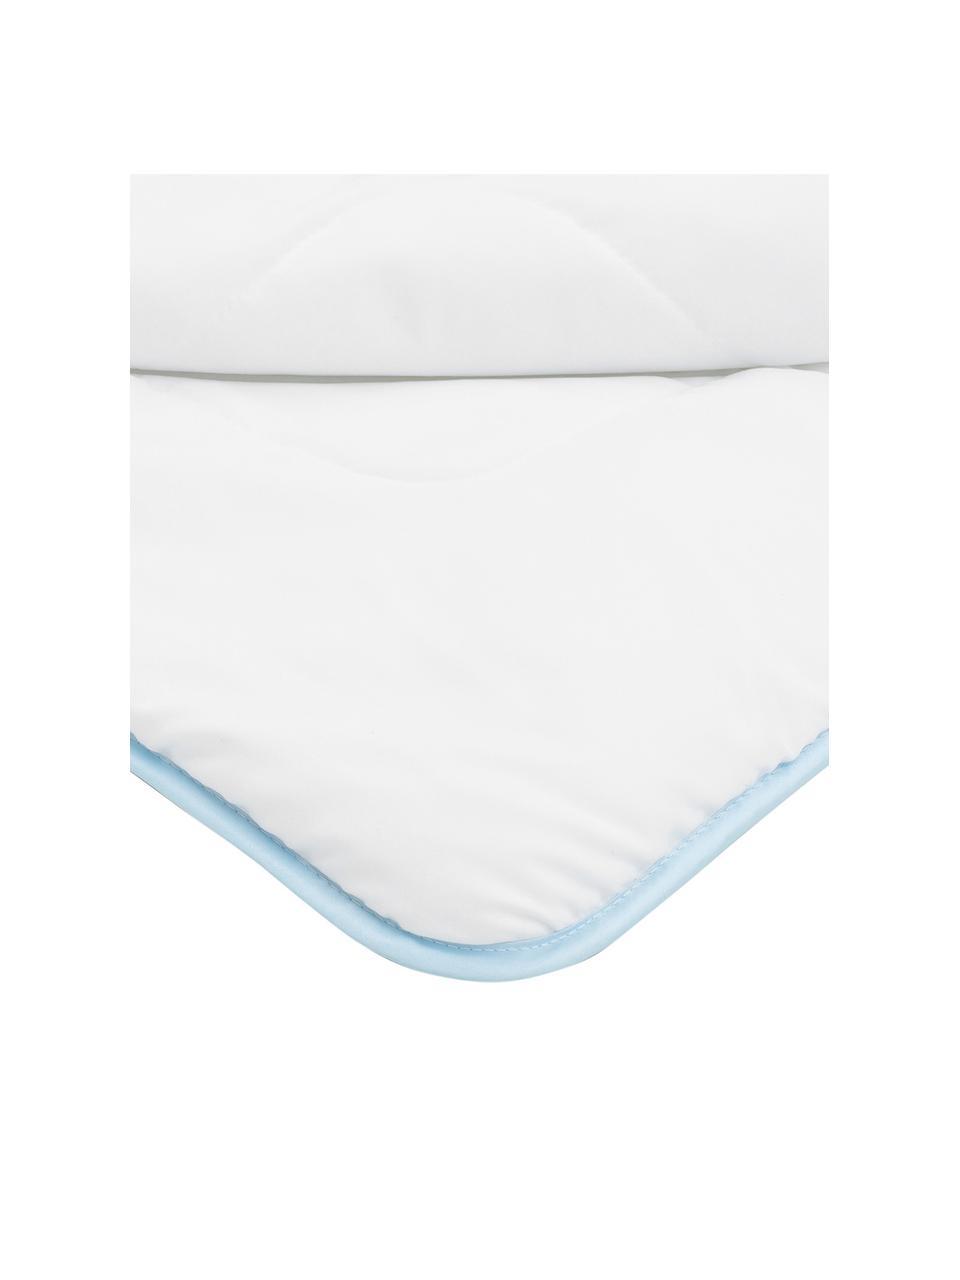 Microfaser-Bettdecke, warm, Bezug: Microfaser mit Rautenstep, warm, 135 x 200 cm